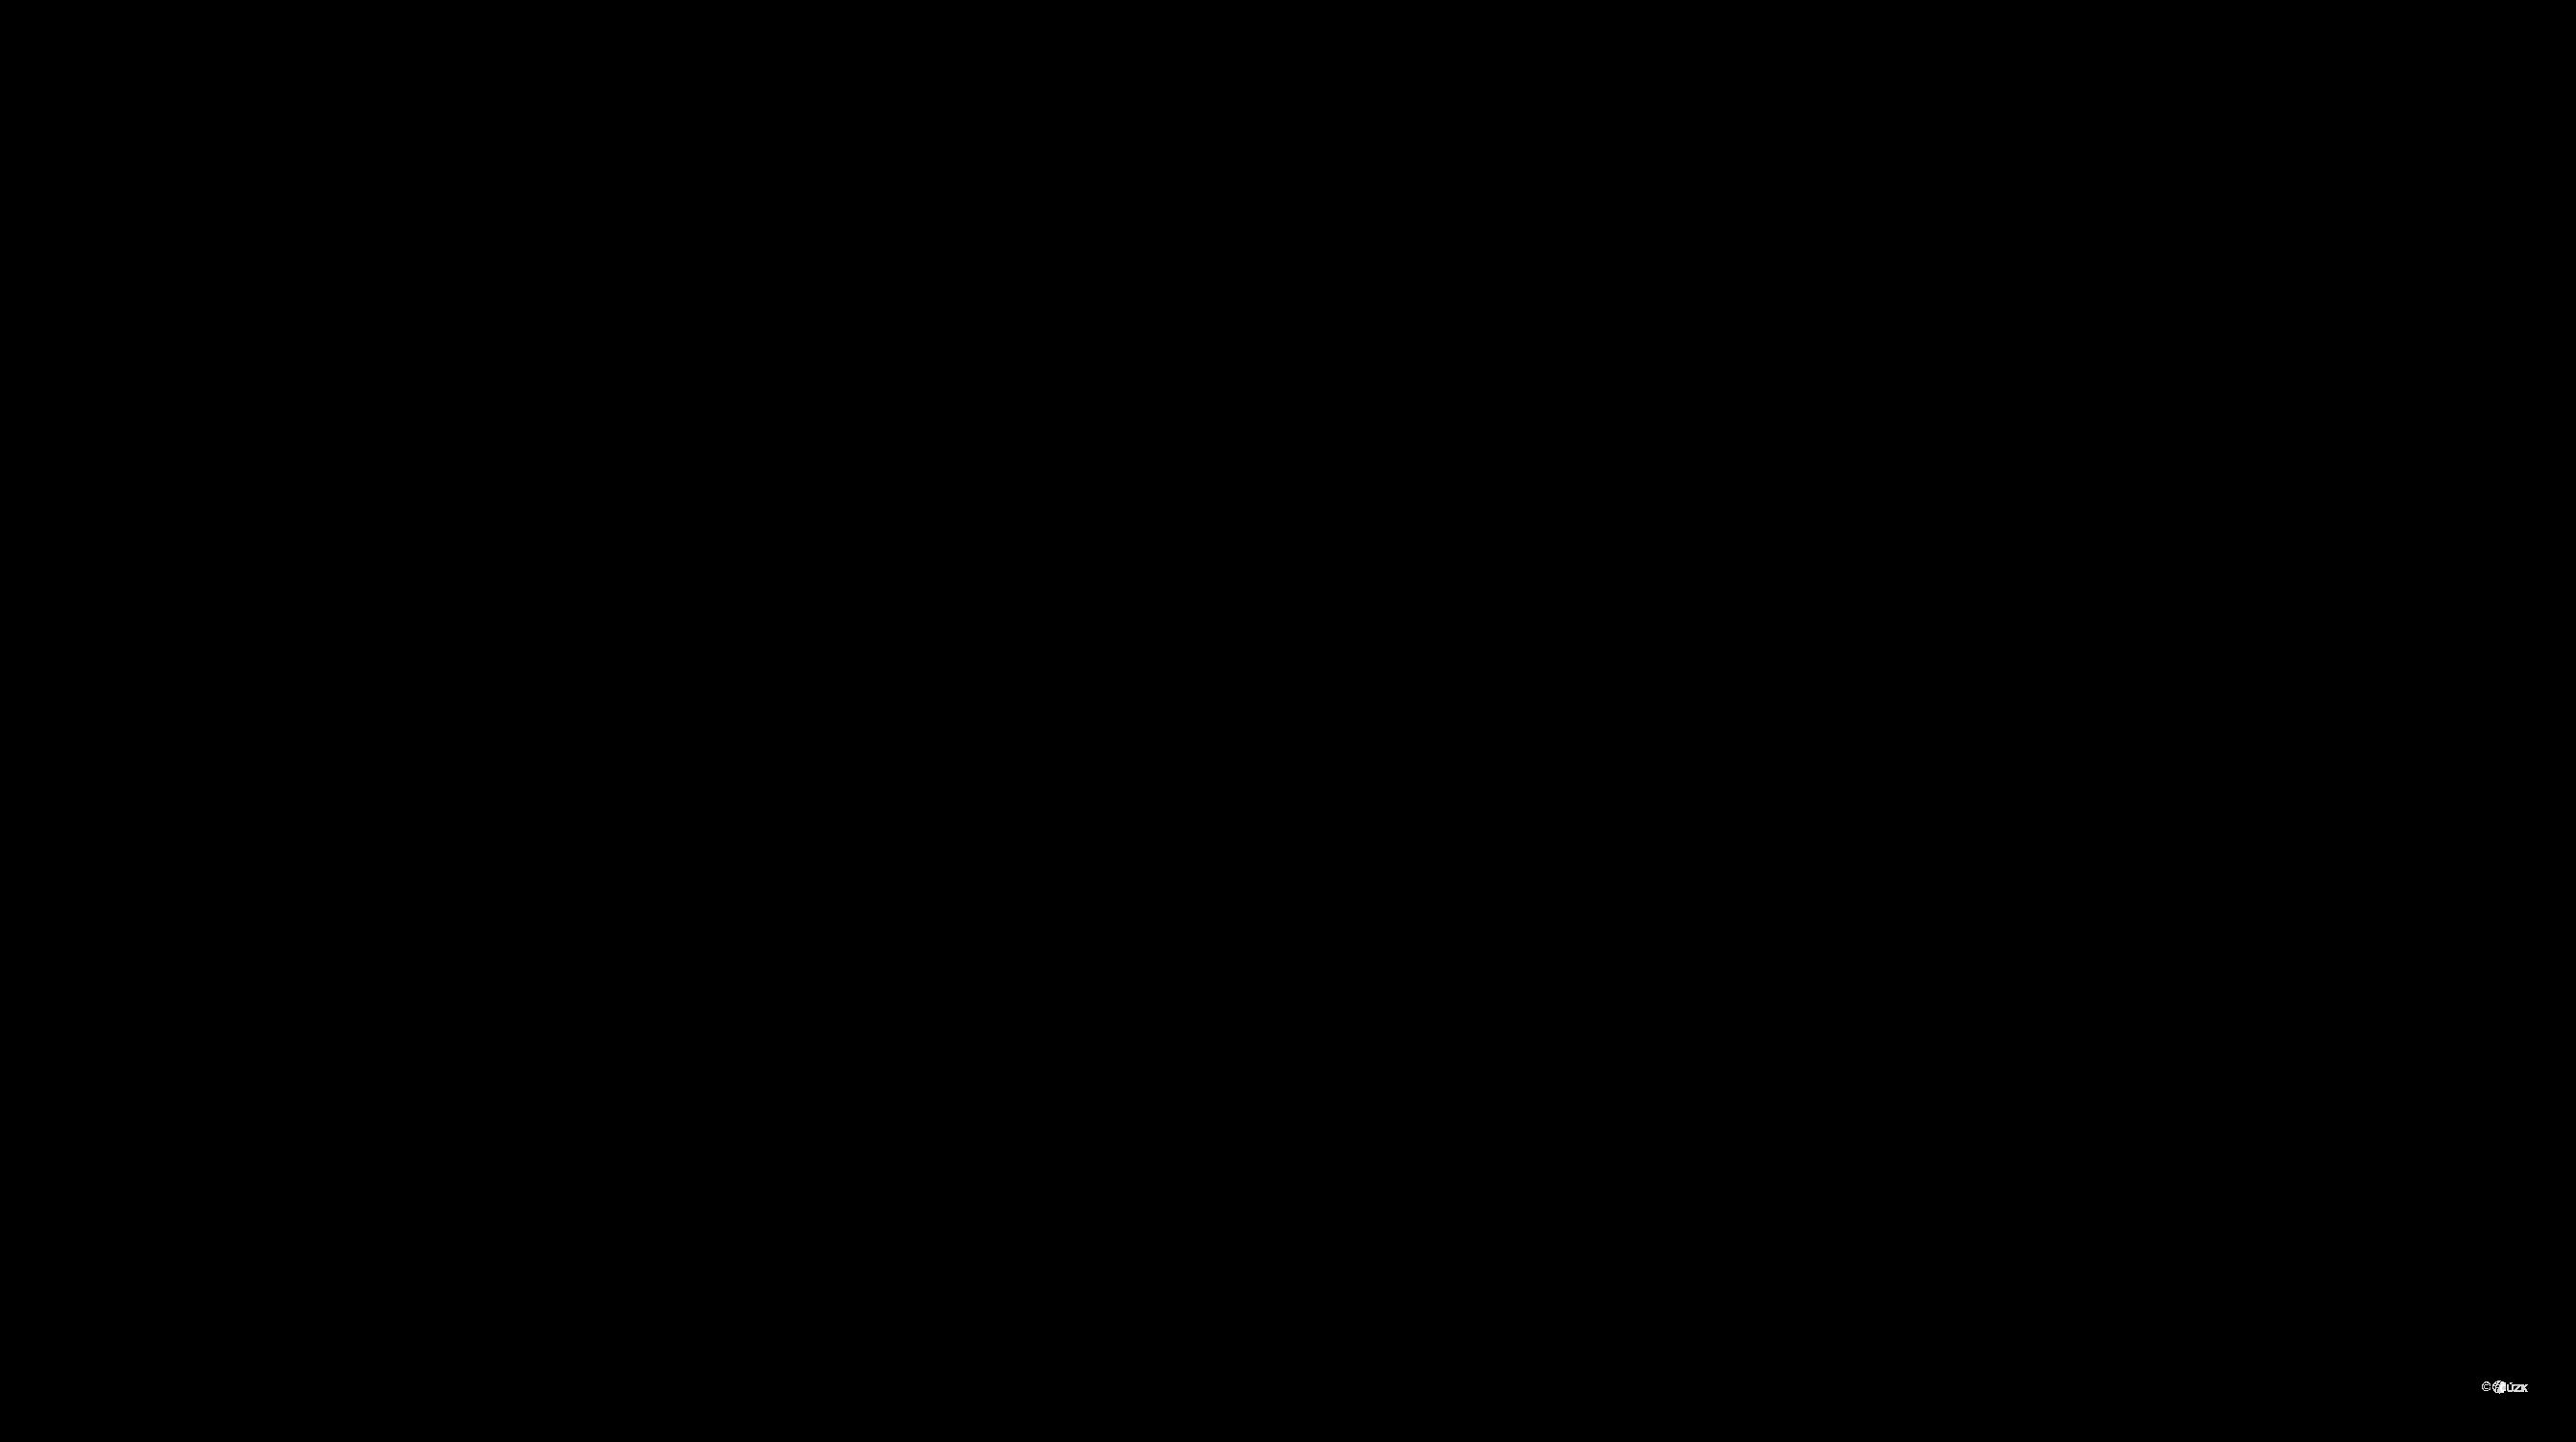 Katastrální mapa pozemků a čísla parcel Srlín